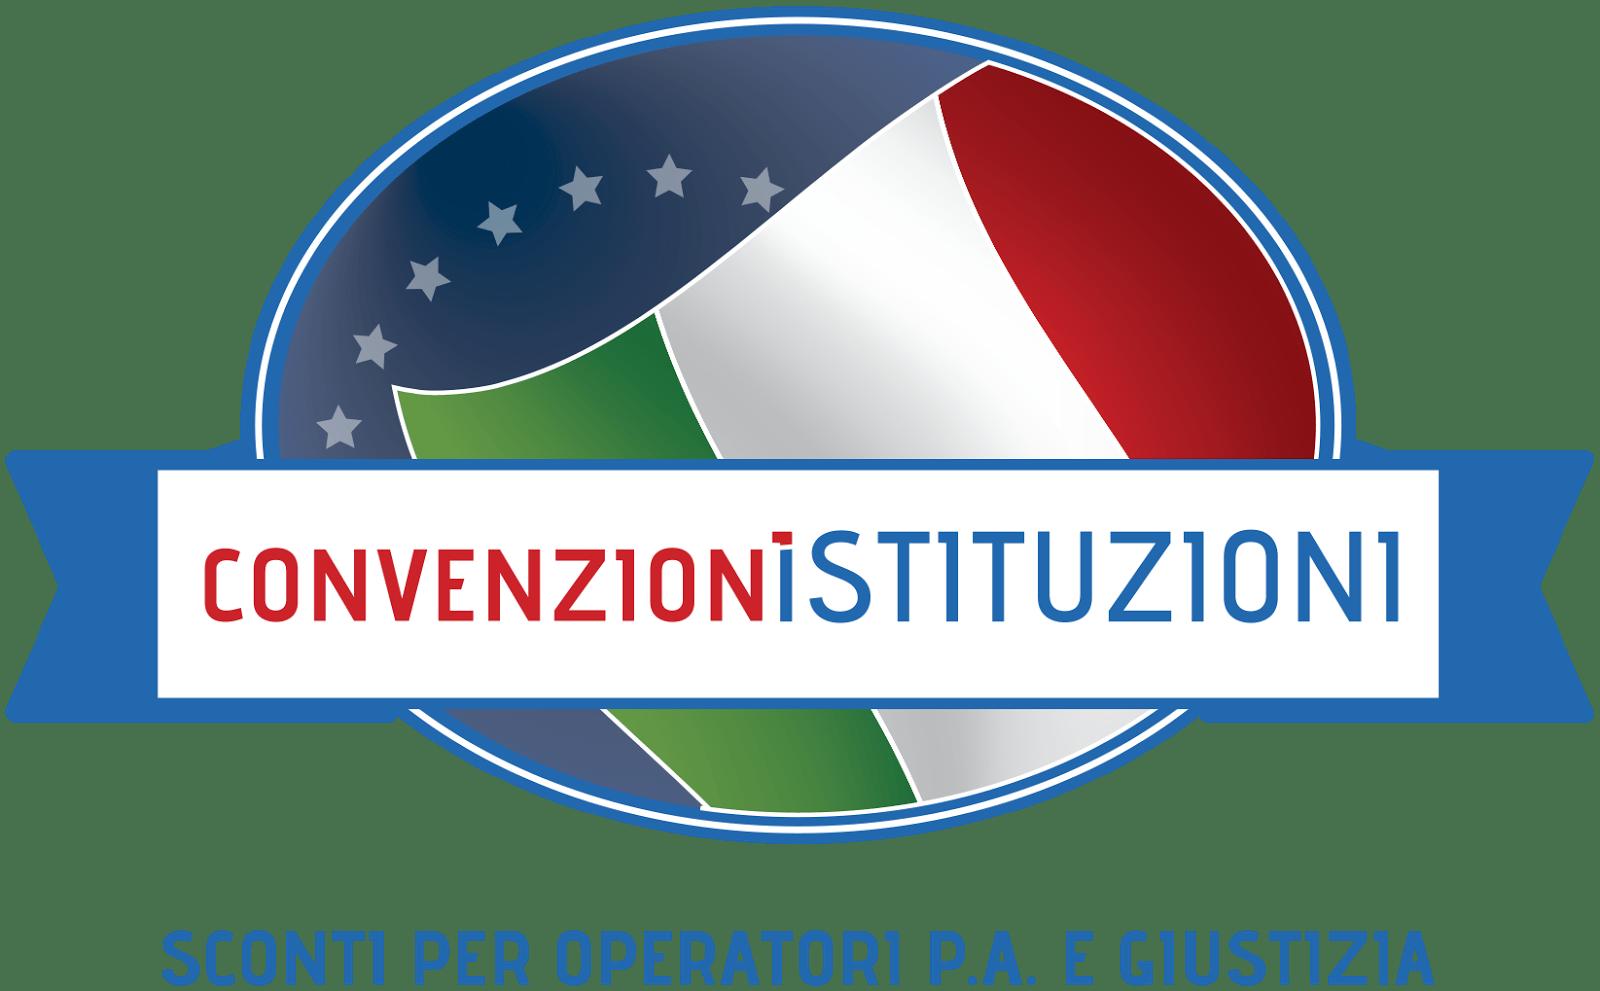 Convenzionistituzioni